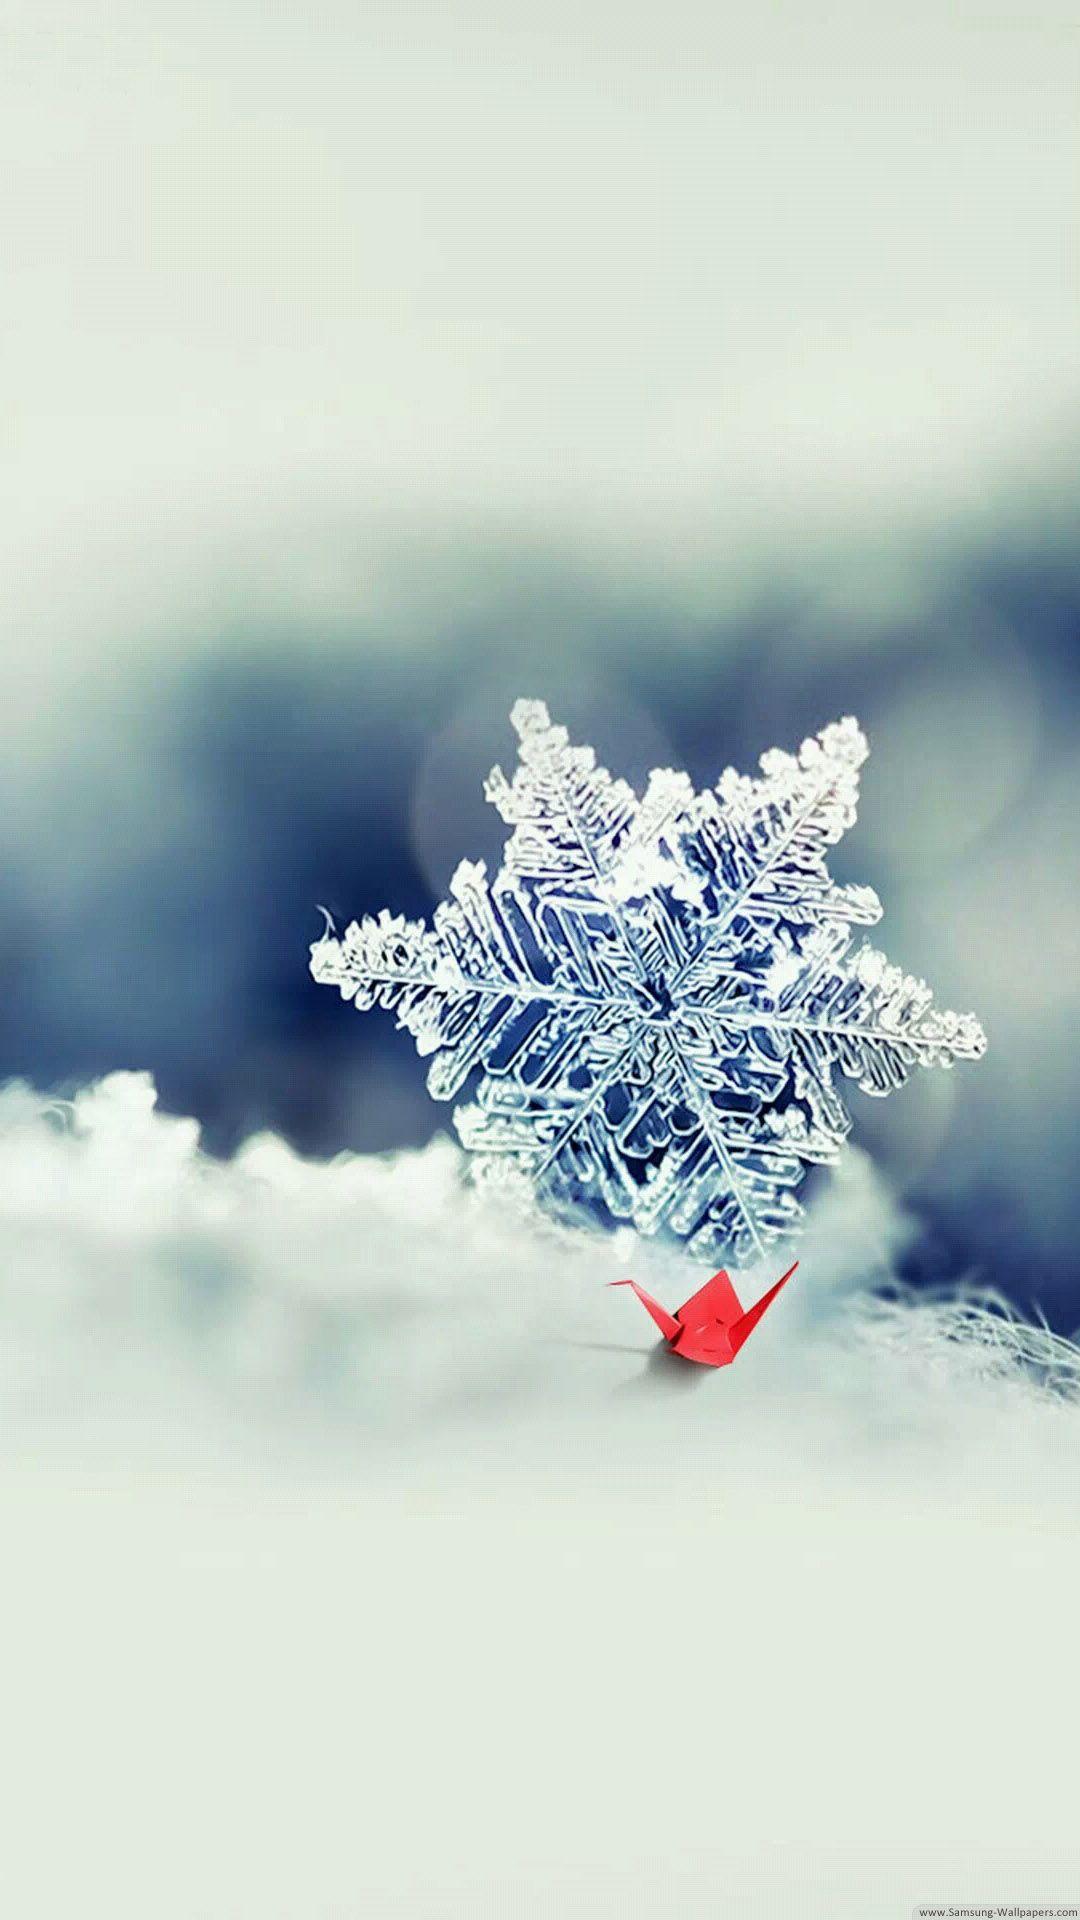 冬っぽいスマホ壁紙 美しい雪の結晶 冬の壁紙 クリスマスの壁紙